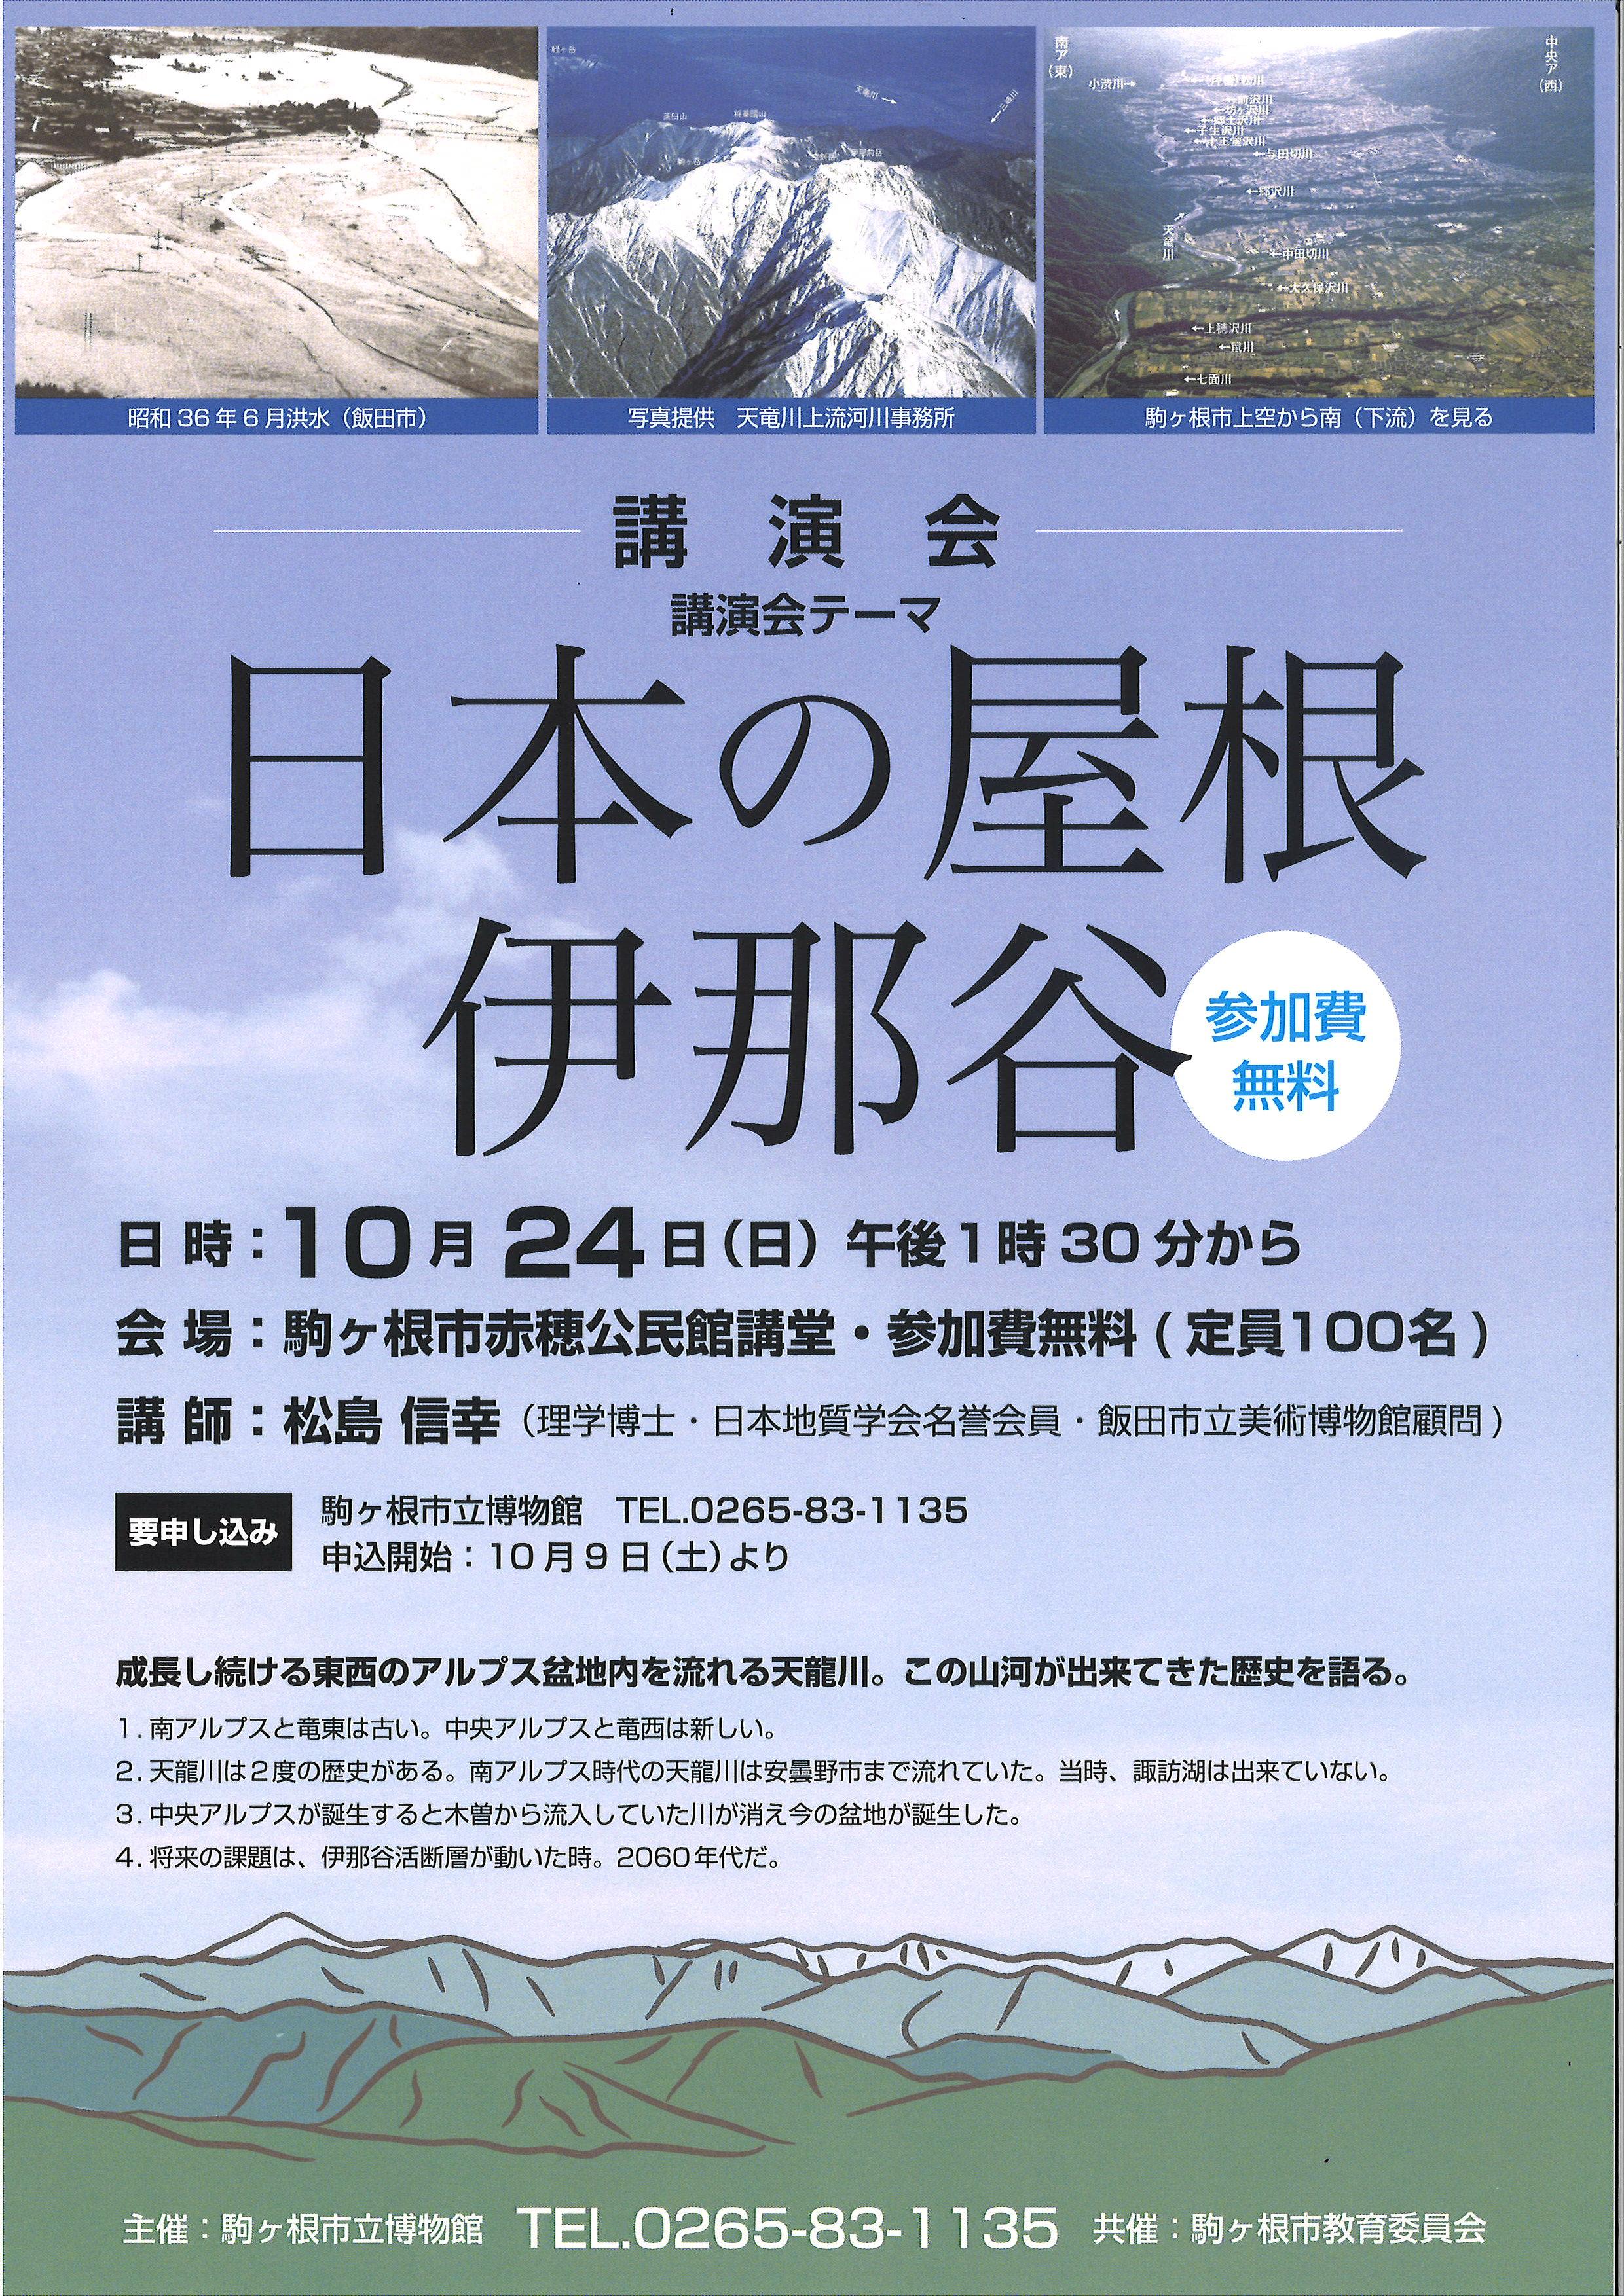 写真:講演会『日本の屋根・伊那谷』 講師:松島信幸